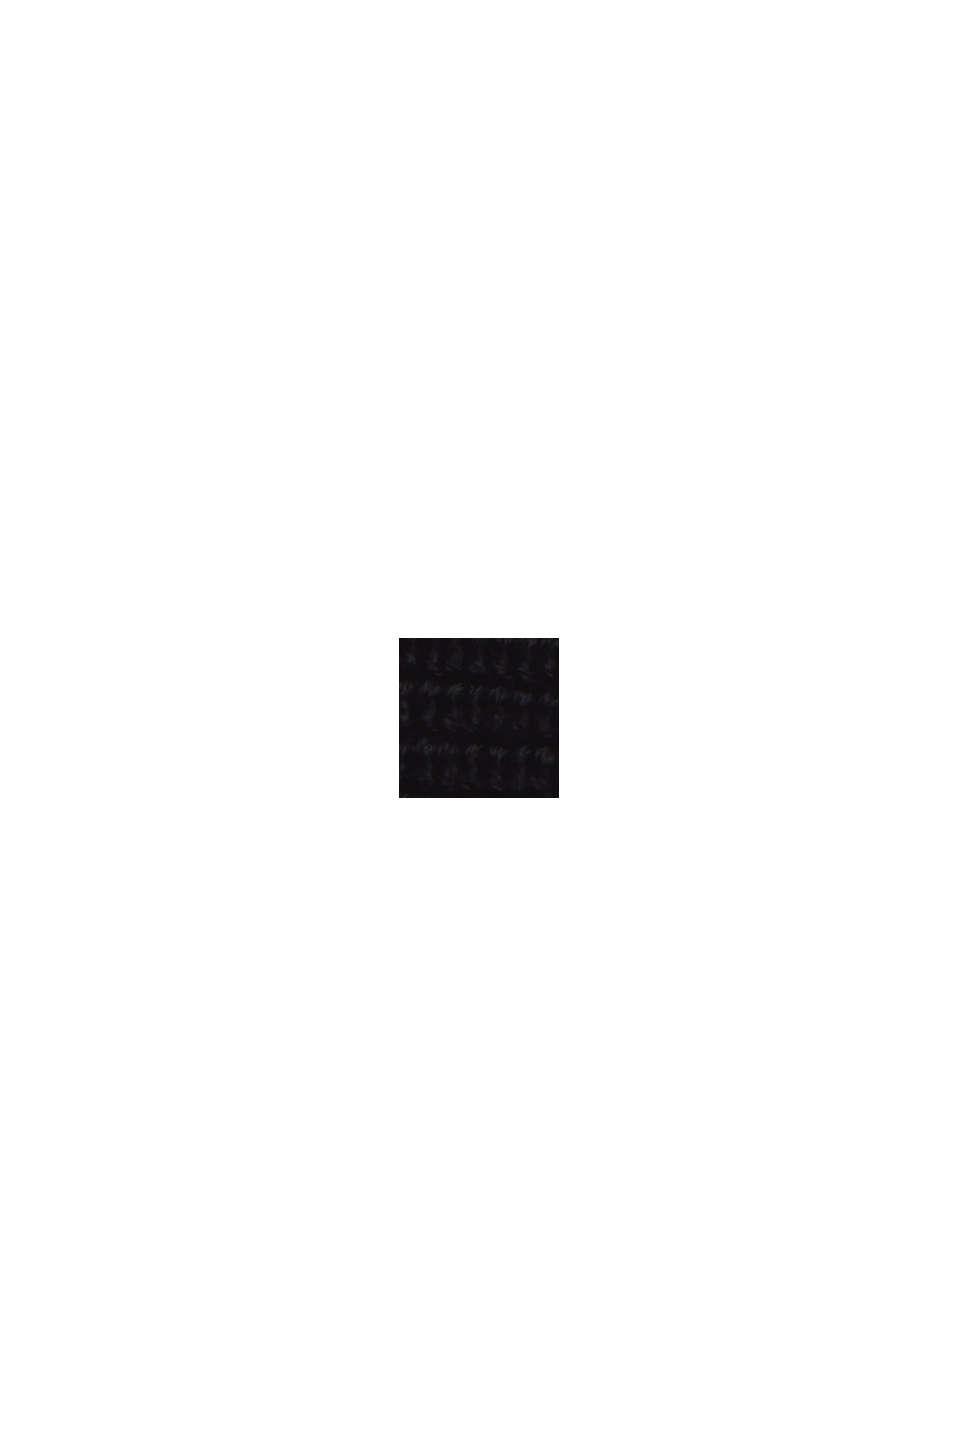 Pullover dolcevita in misto cotone biologico, BLACK, swatch